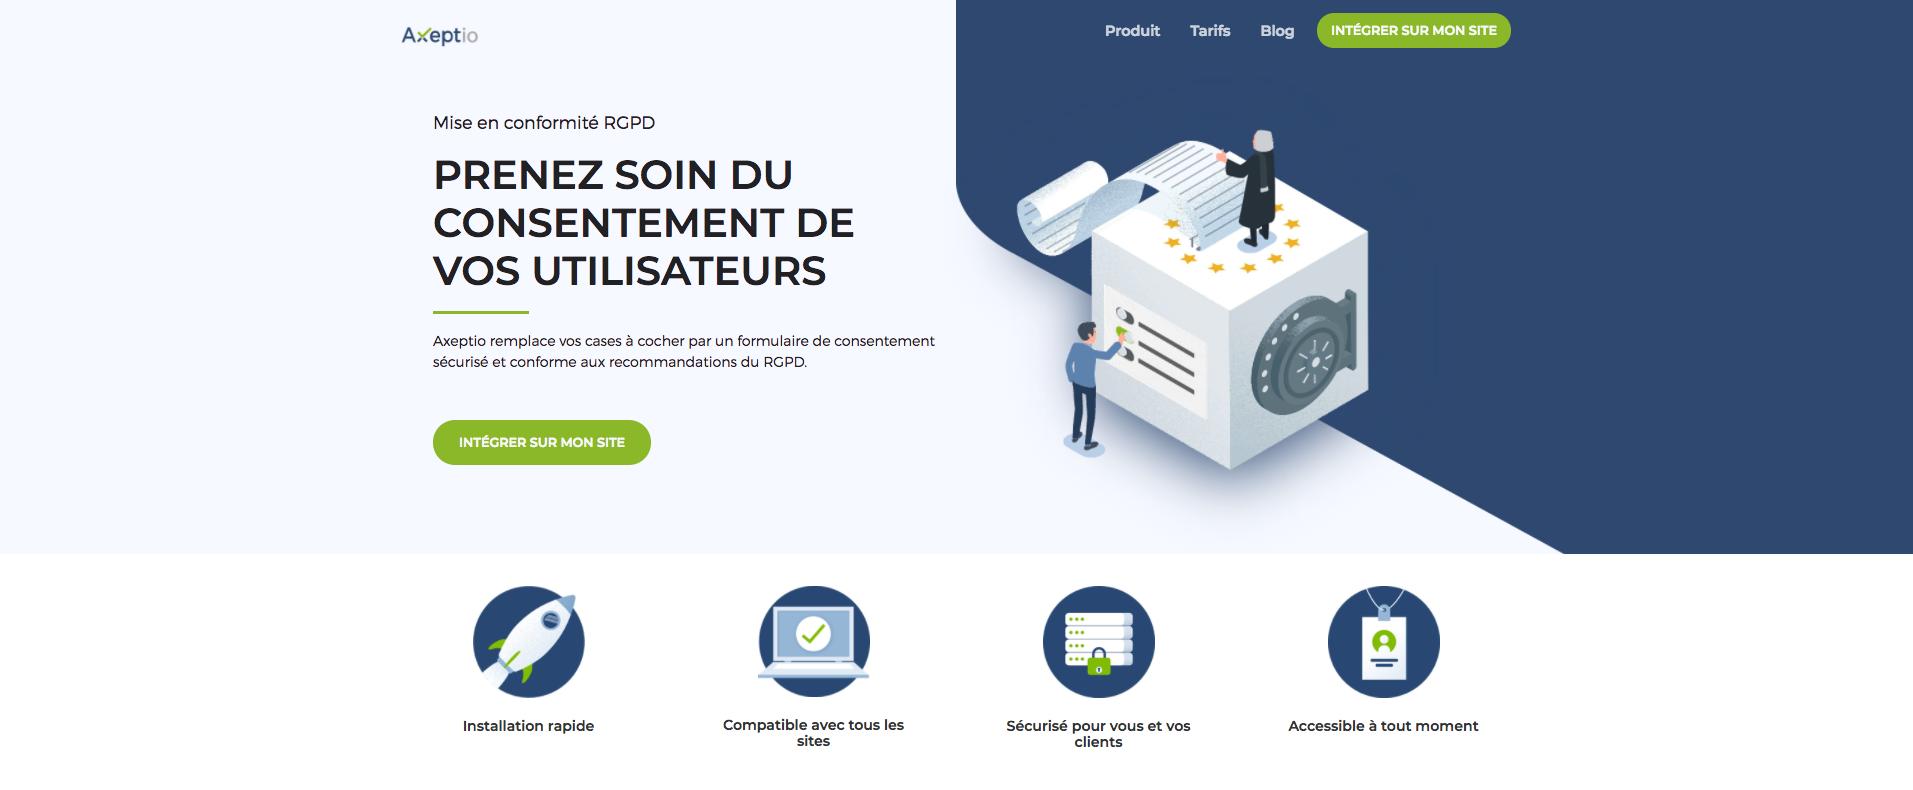 www.axeptio.eu